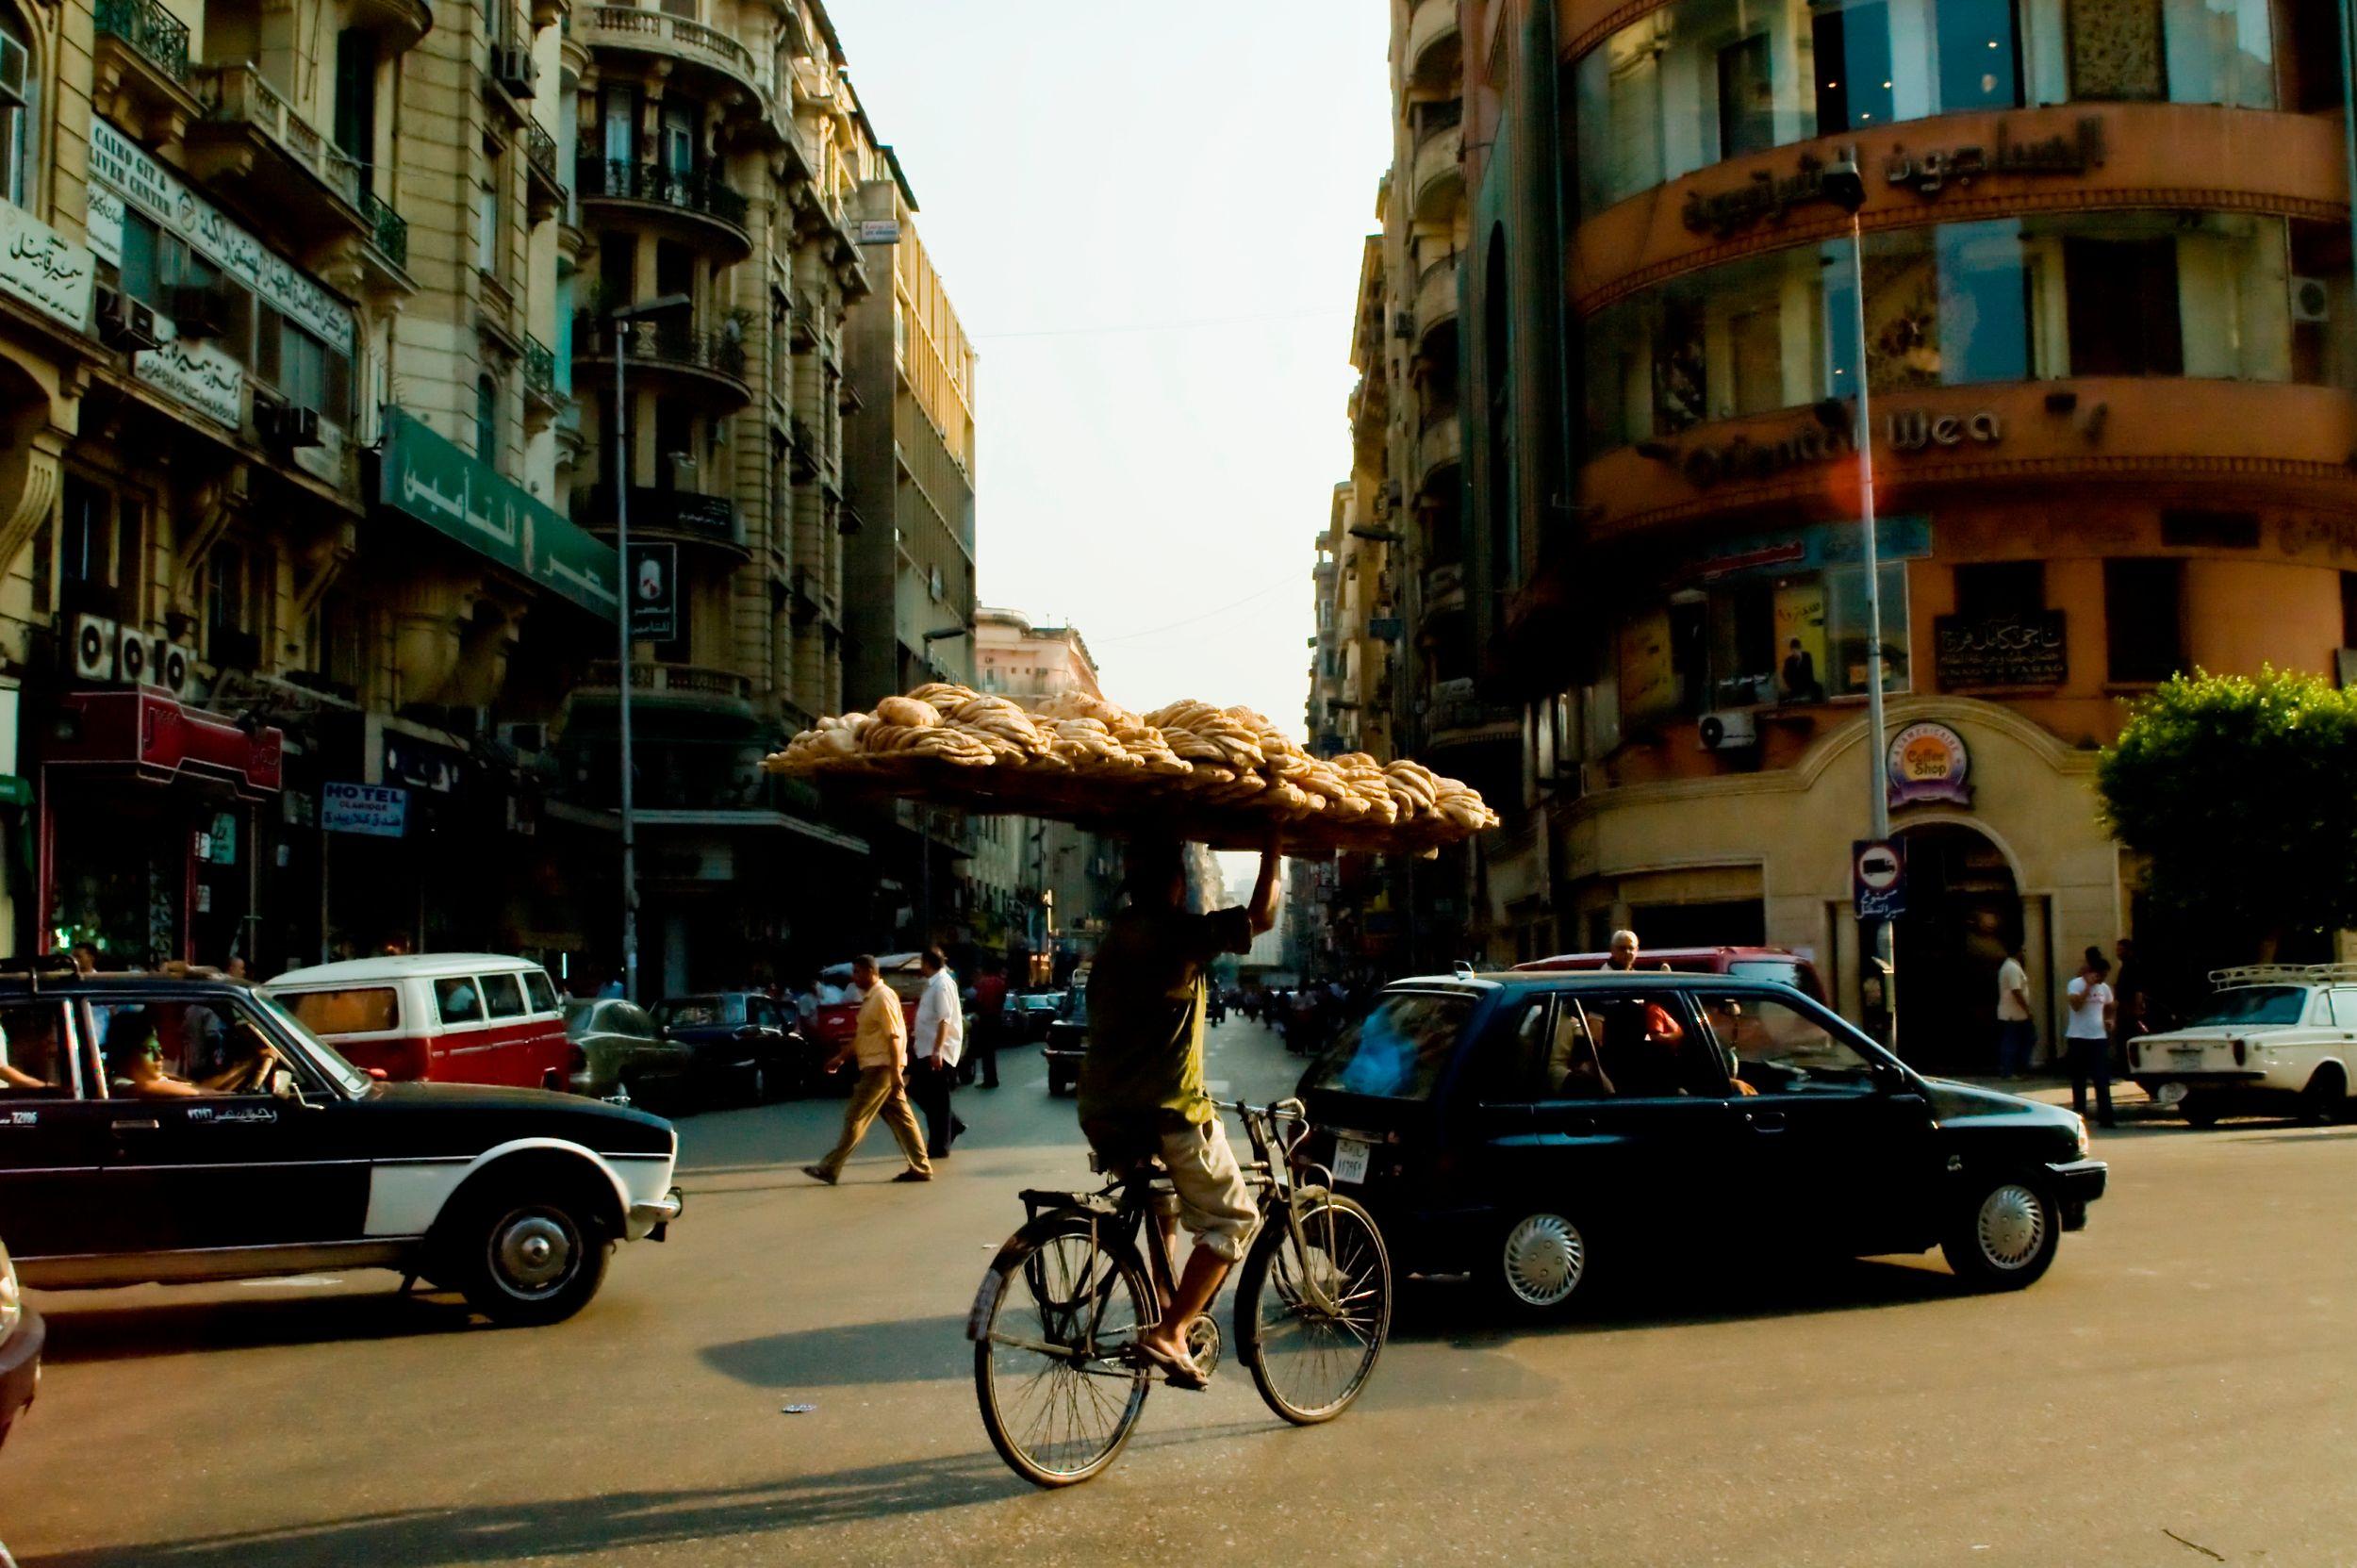 Πωλητής με κουλούρια πάνω σε ποδήλατο στο Κάιρο της Αιγύπτου - city-hopping στη μεσογειακή Αφρική